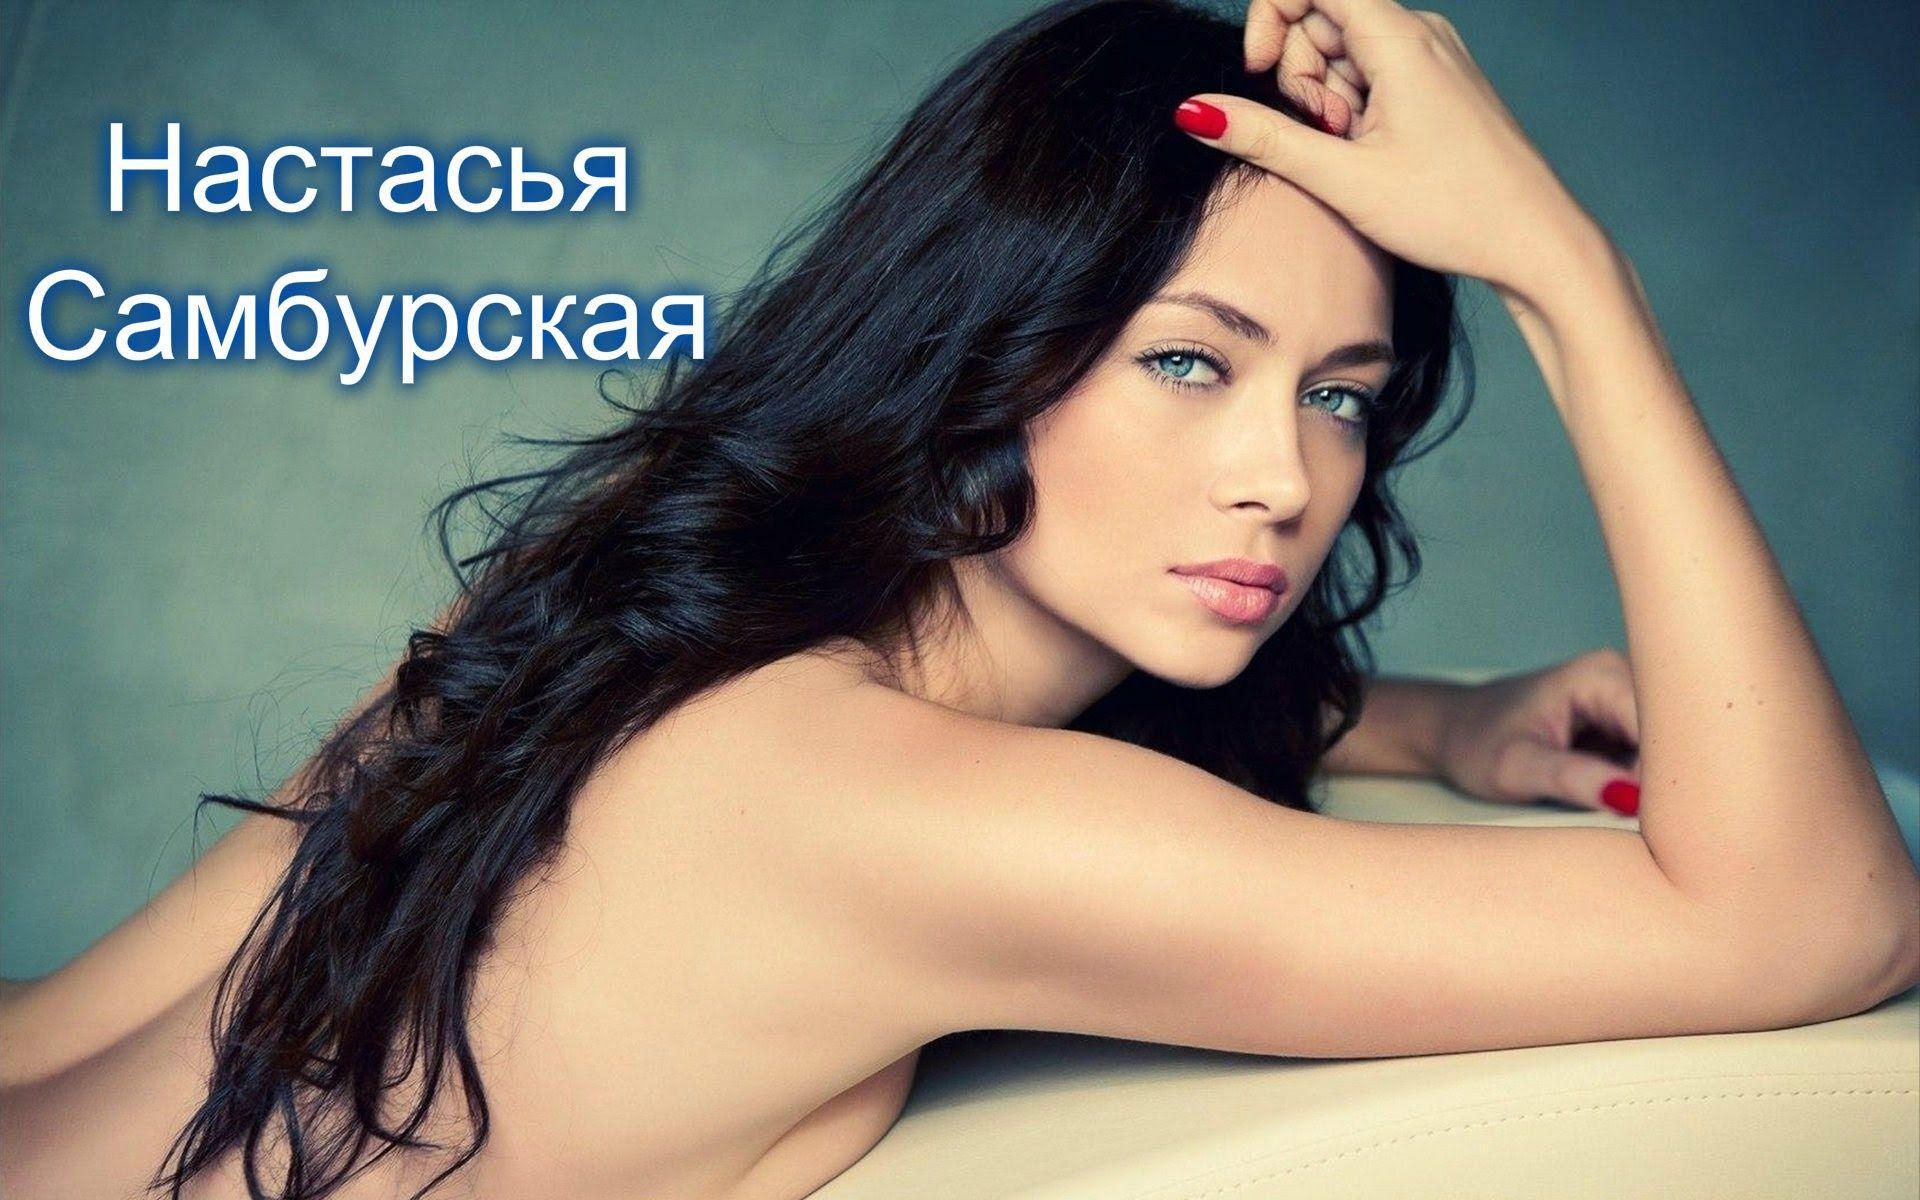 Самые сексуальные девушки россии видео фото 708-52